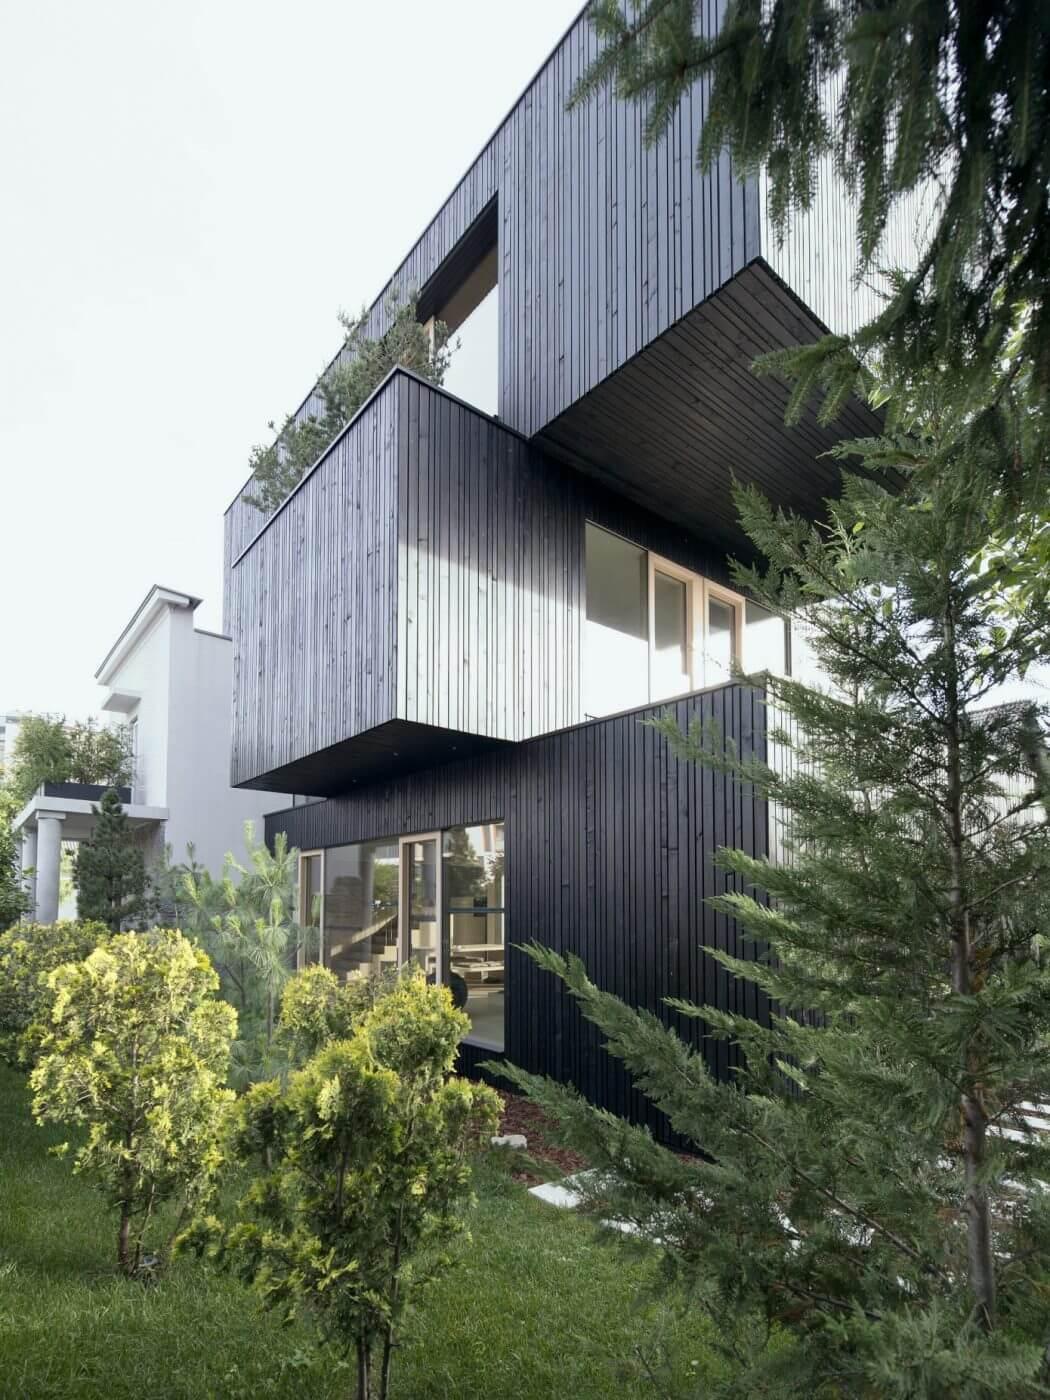 3shoebox house by ofis arhitekti homeadore for Ofis arhitekti